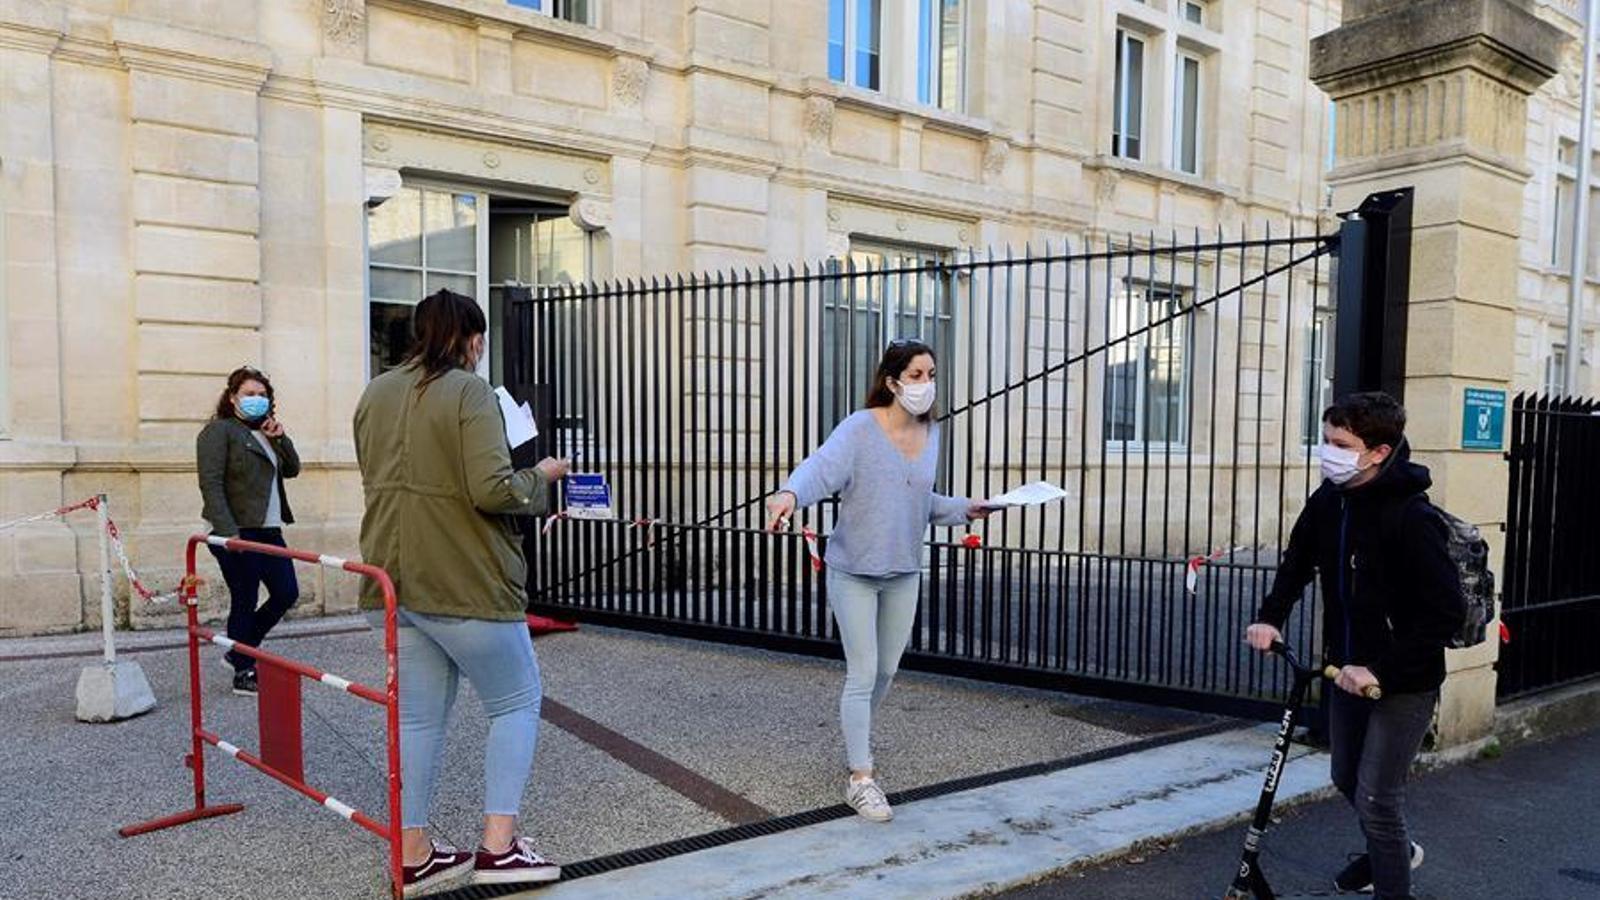 França tanca una cinquantena d'escoles al detectar professors contagiats